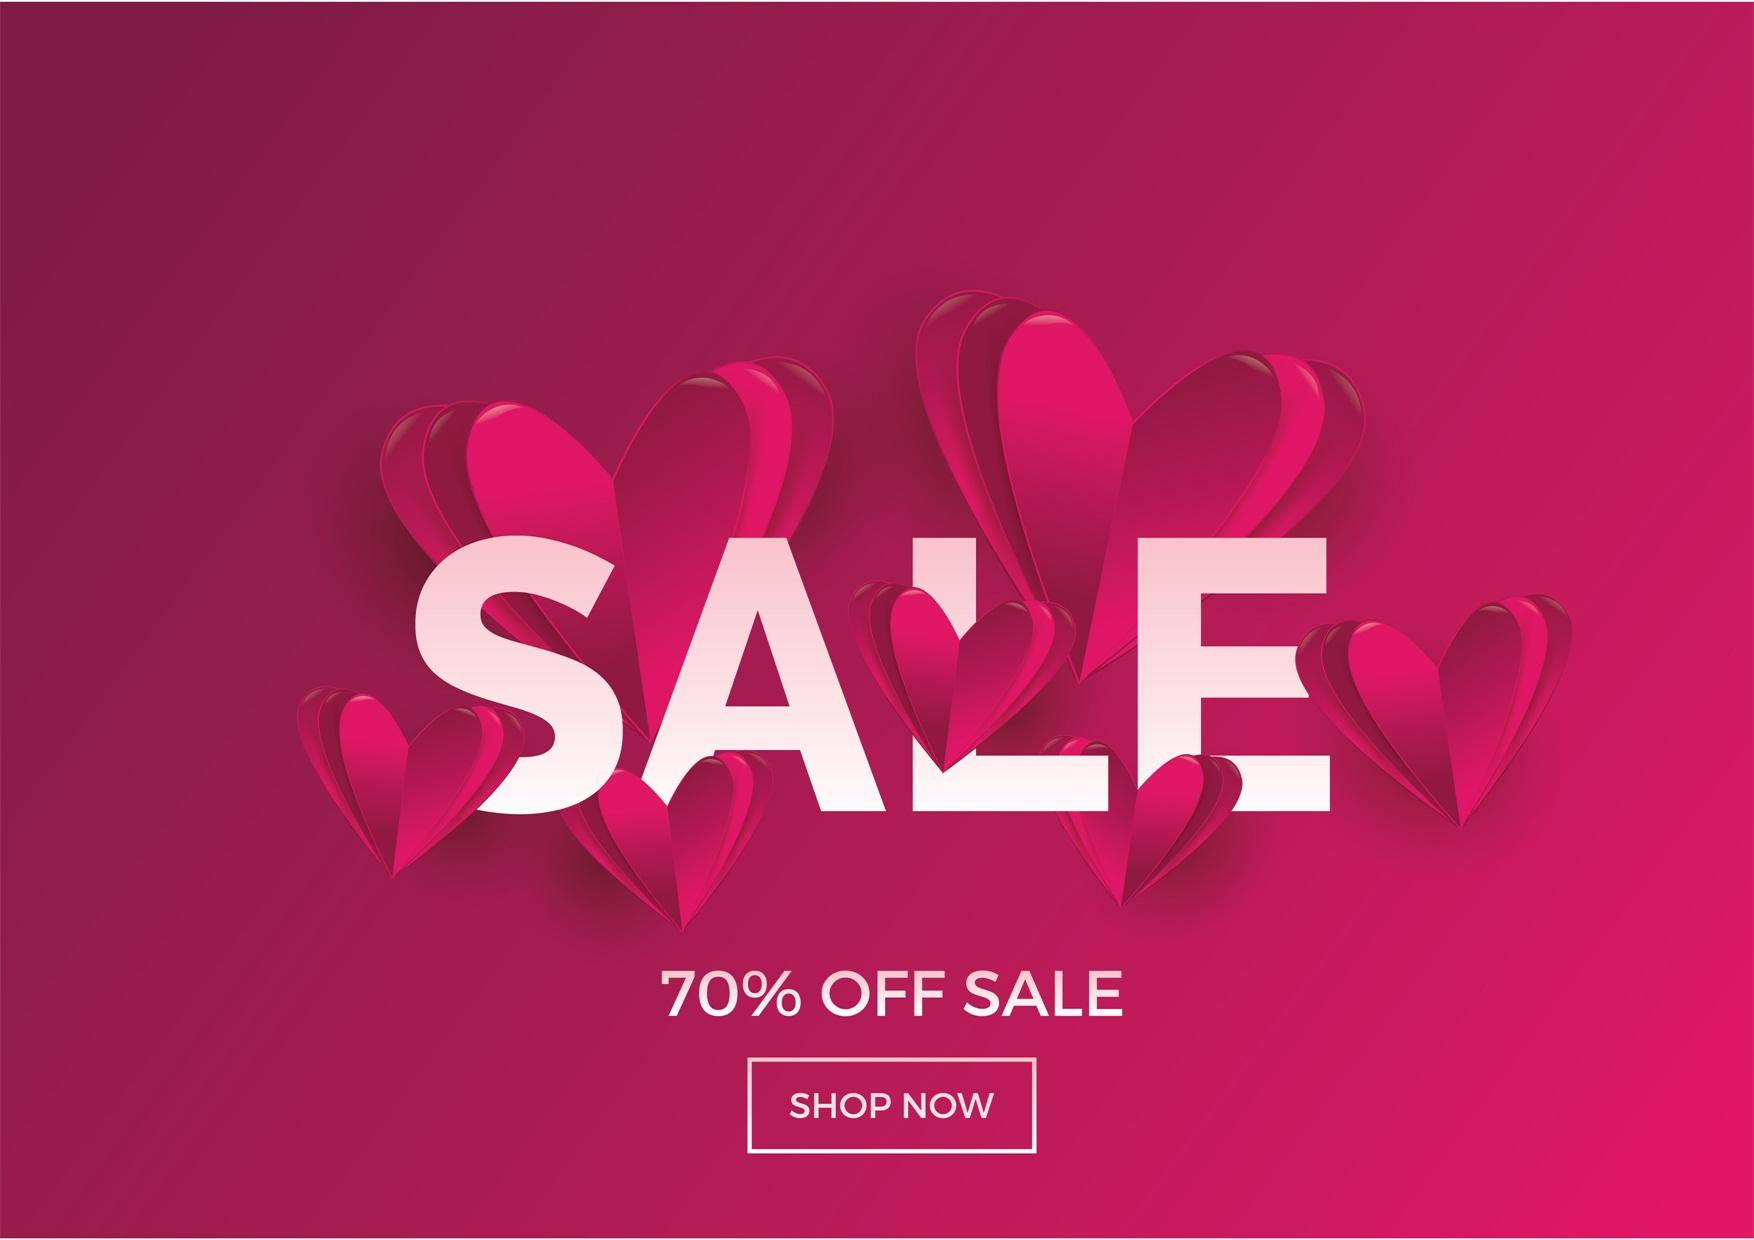 22款情人节七夕节购物促销海报传单设计AI矢量素材 Valentines day Poster Vector Material插图